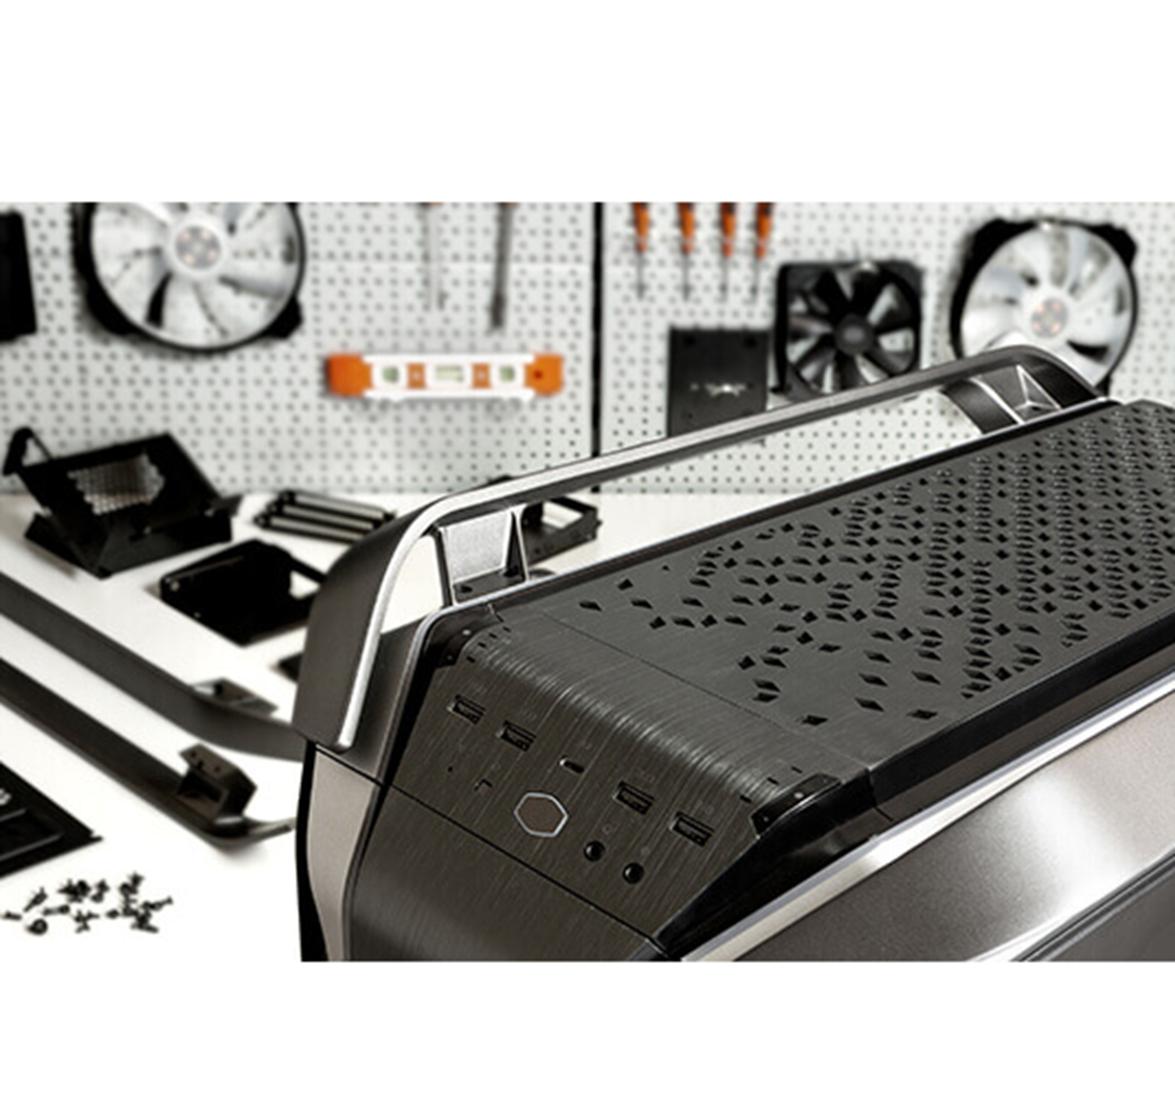 Aluminum Panels & Handles